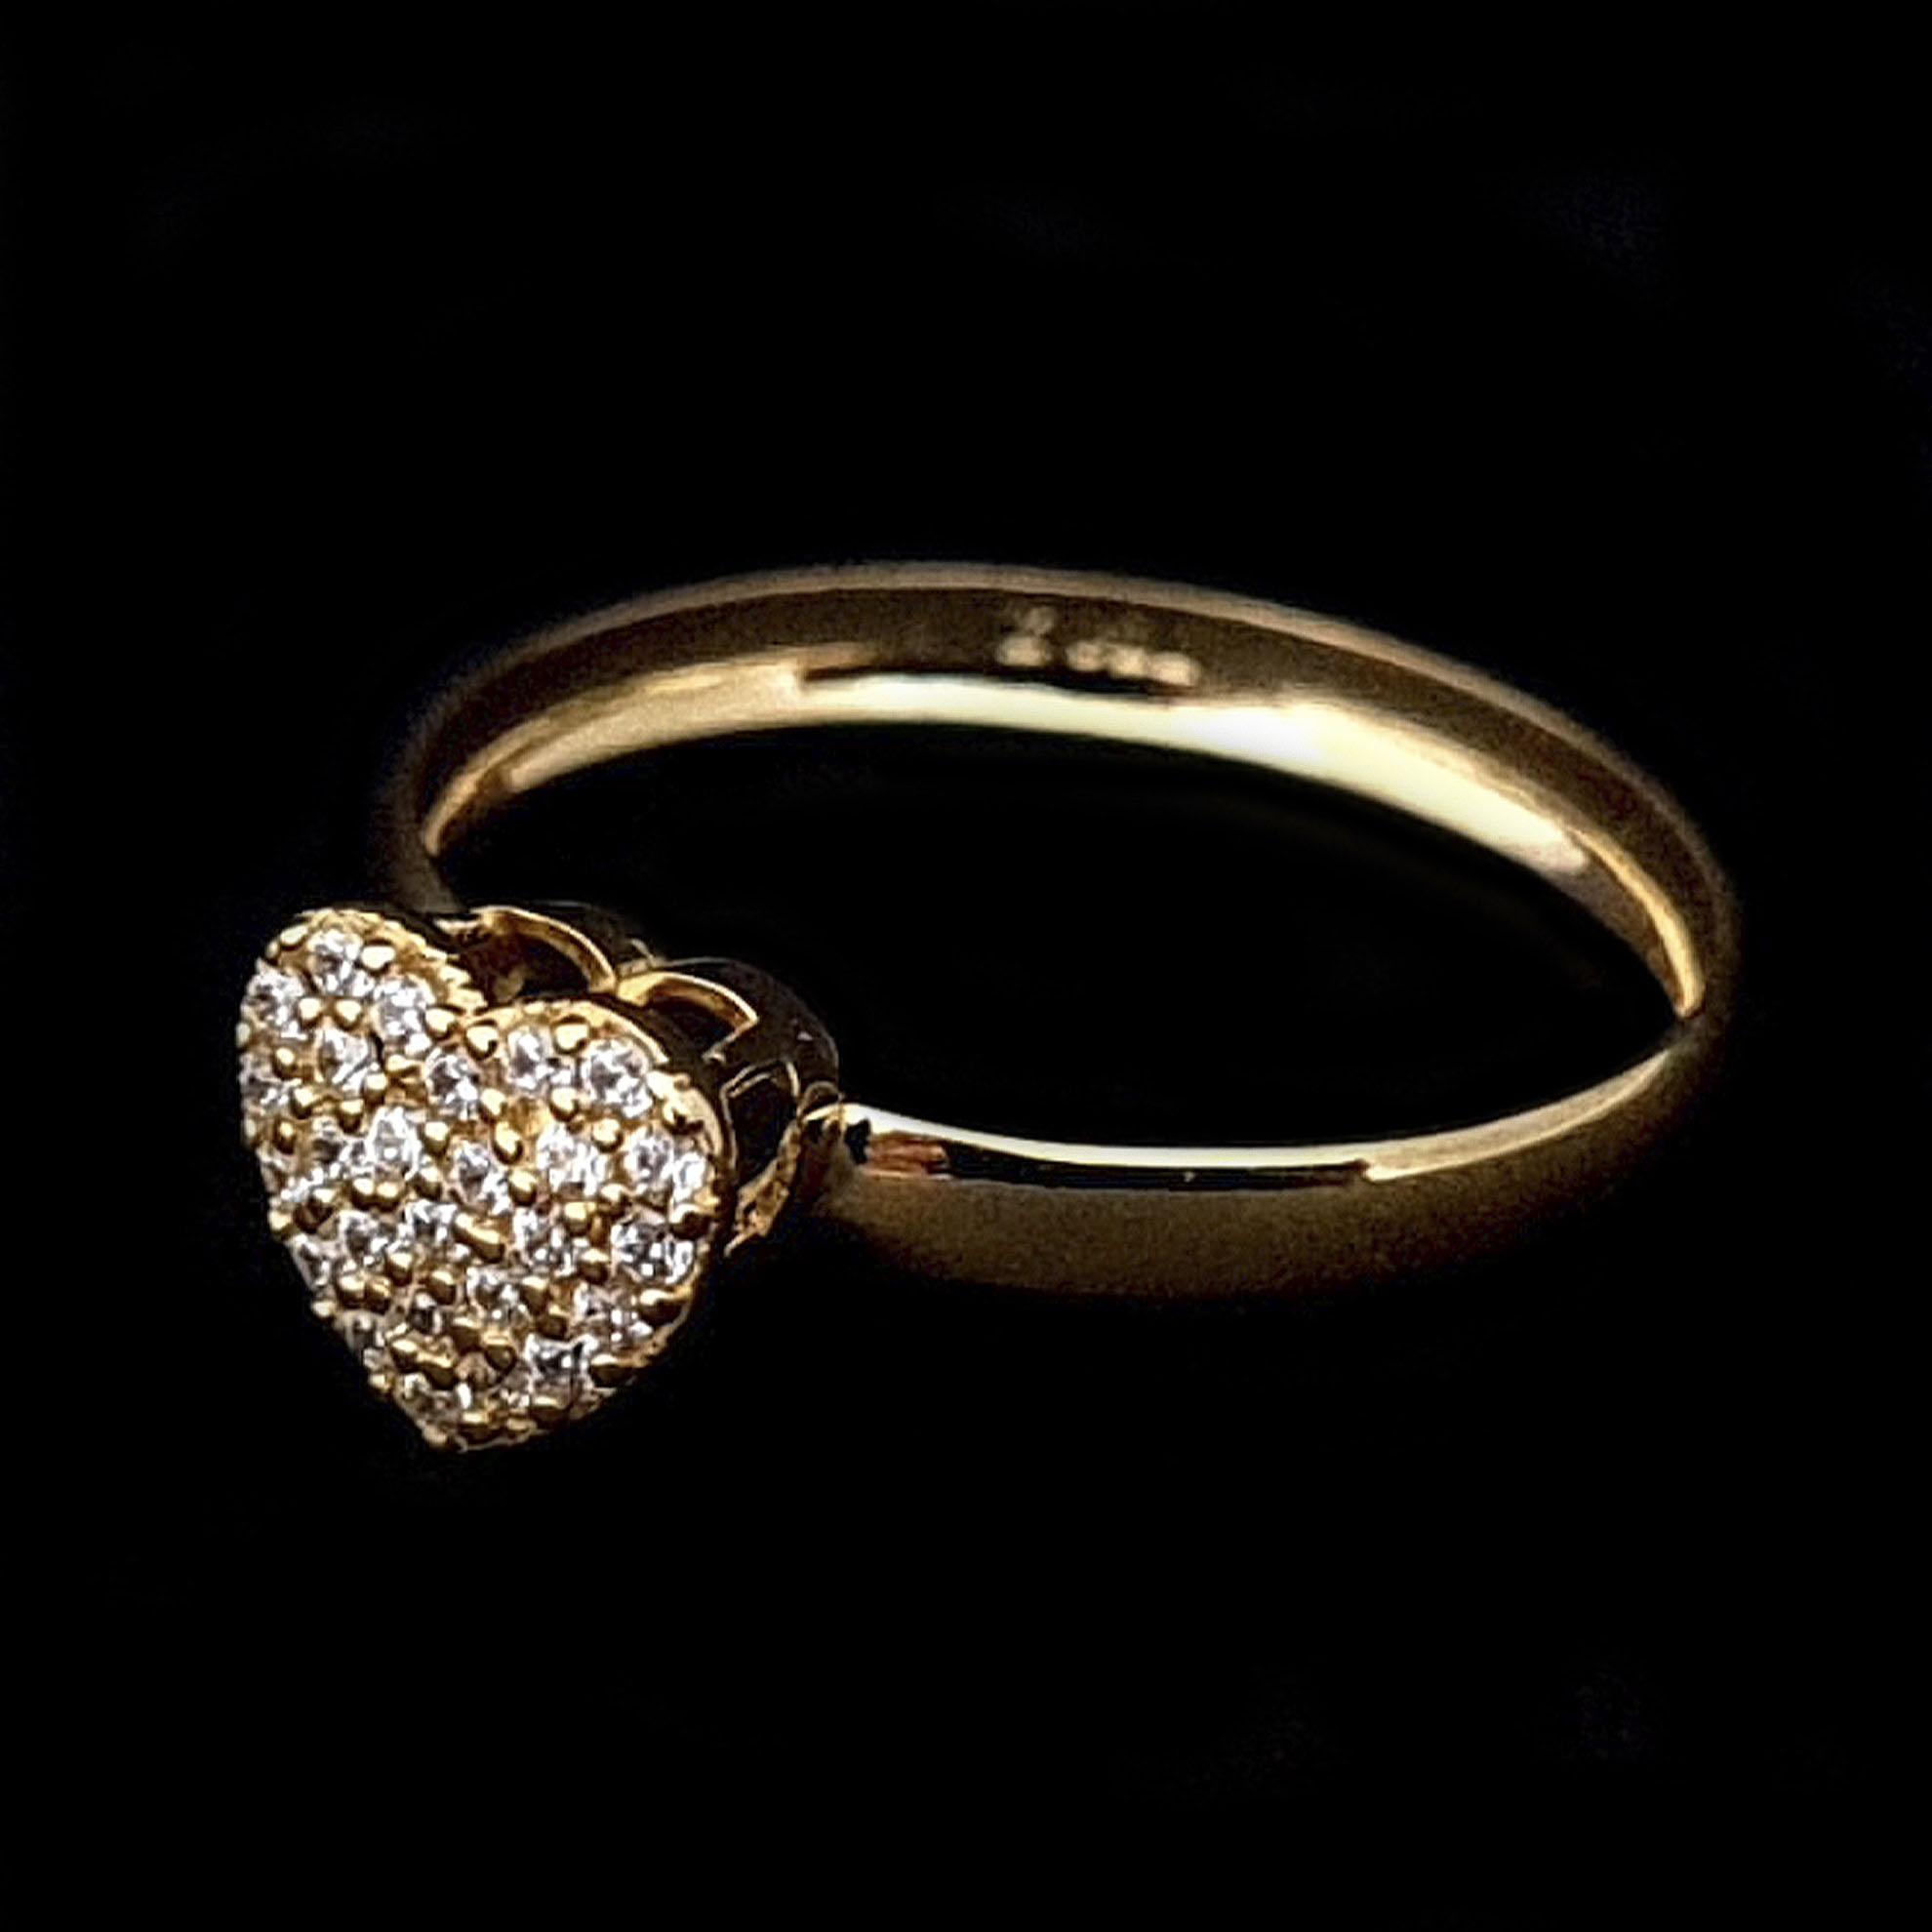 Anel Chuveiro Coração c/ Zircônias em Ouro 18 Kilates